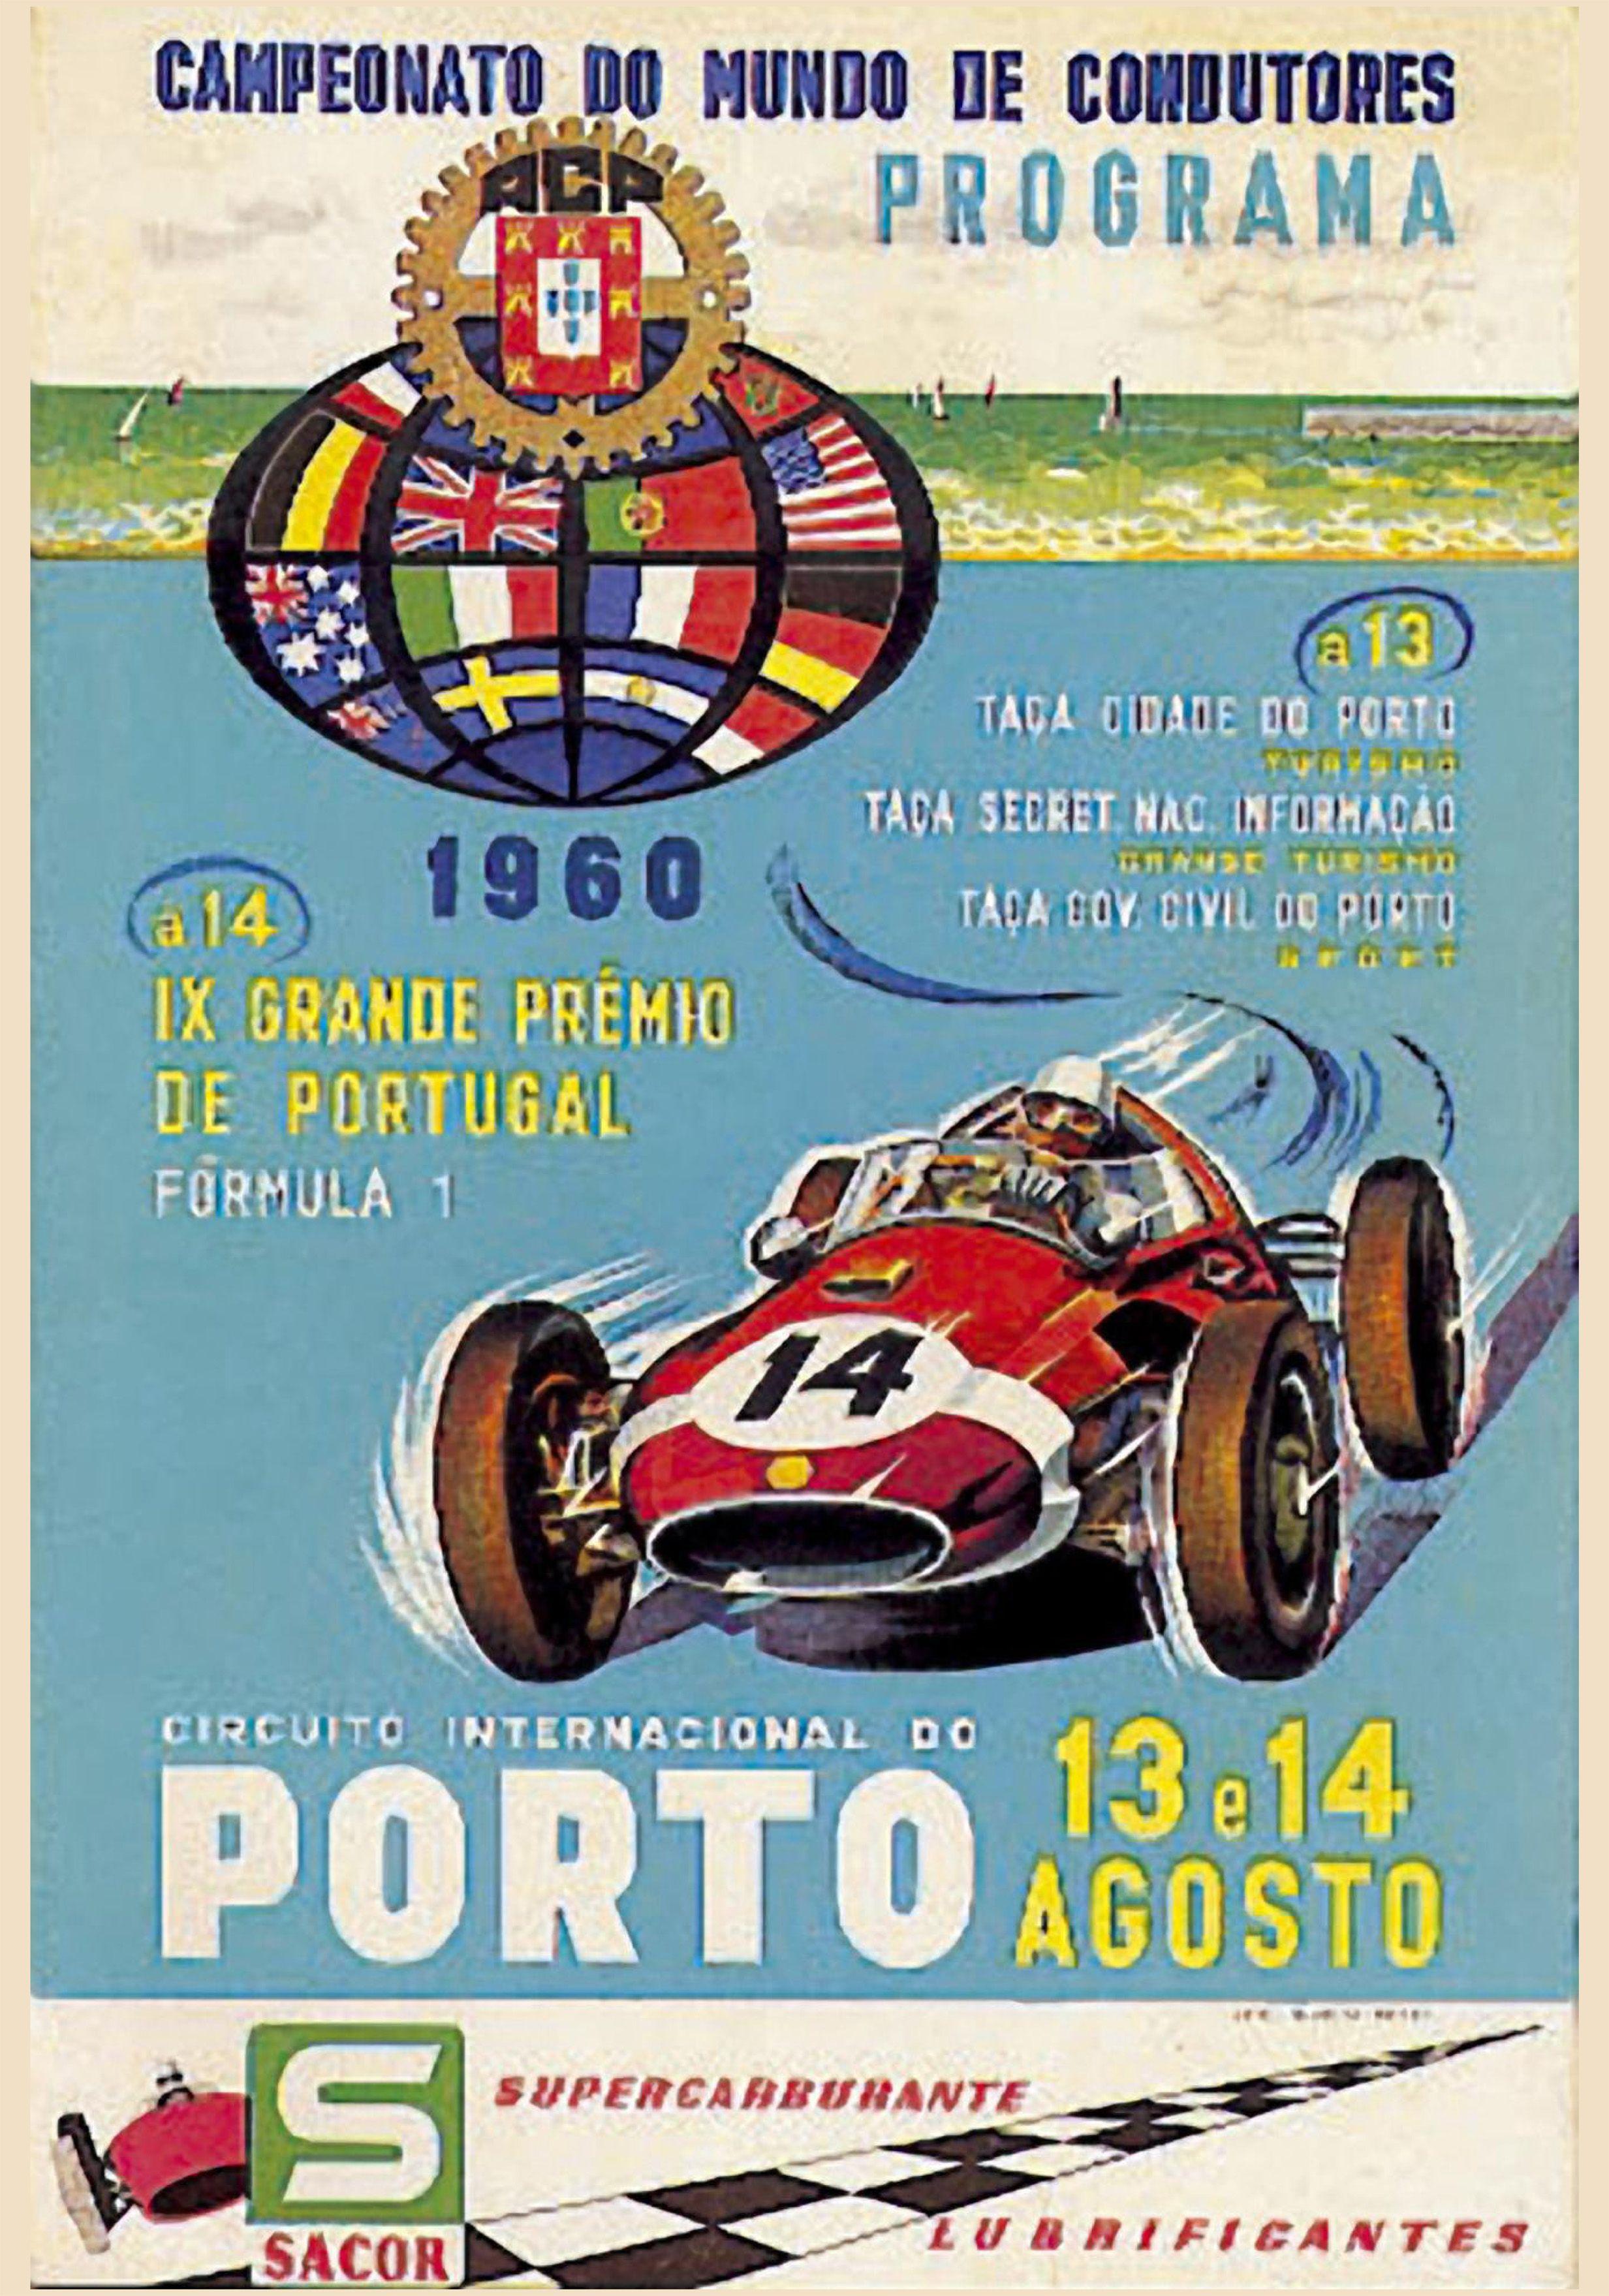 Circuito Algarve : Competição arrancou no algarve portal equitação